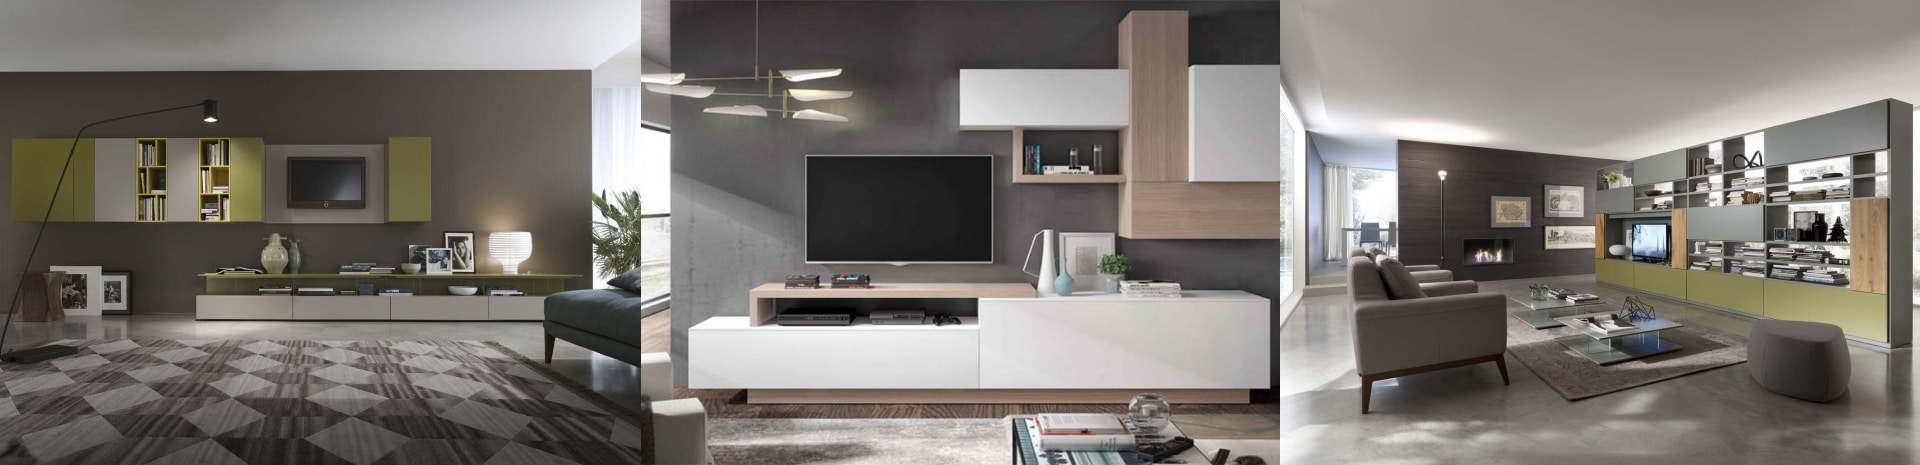 Muebles tapizados clásicos